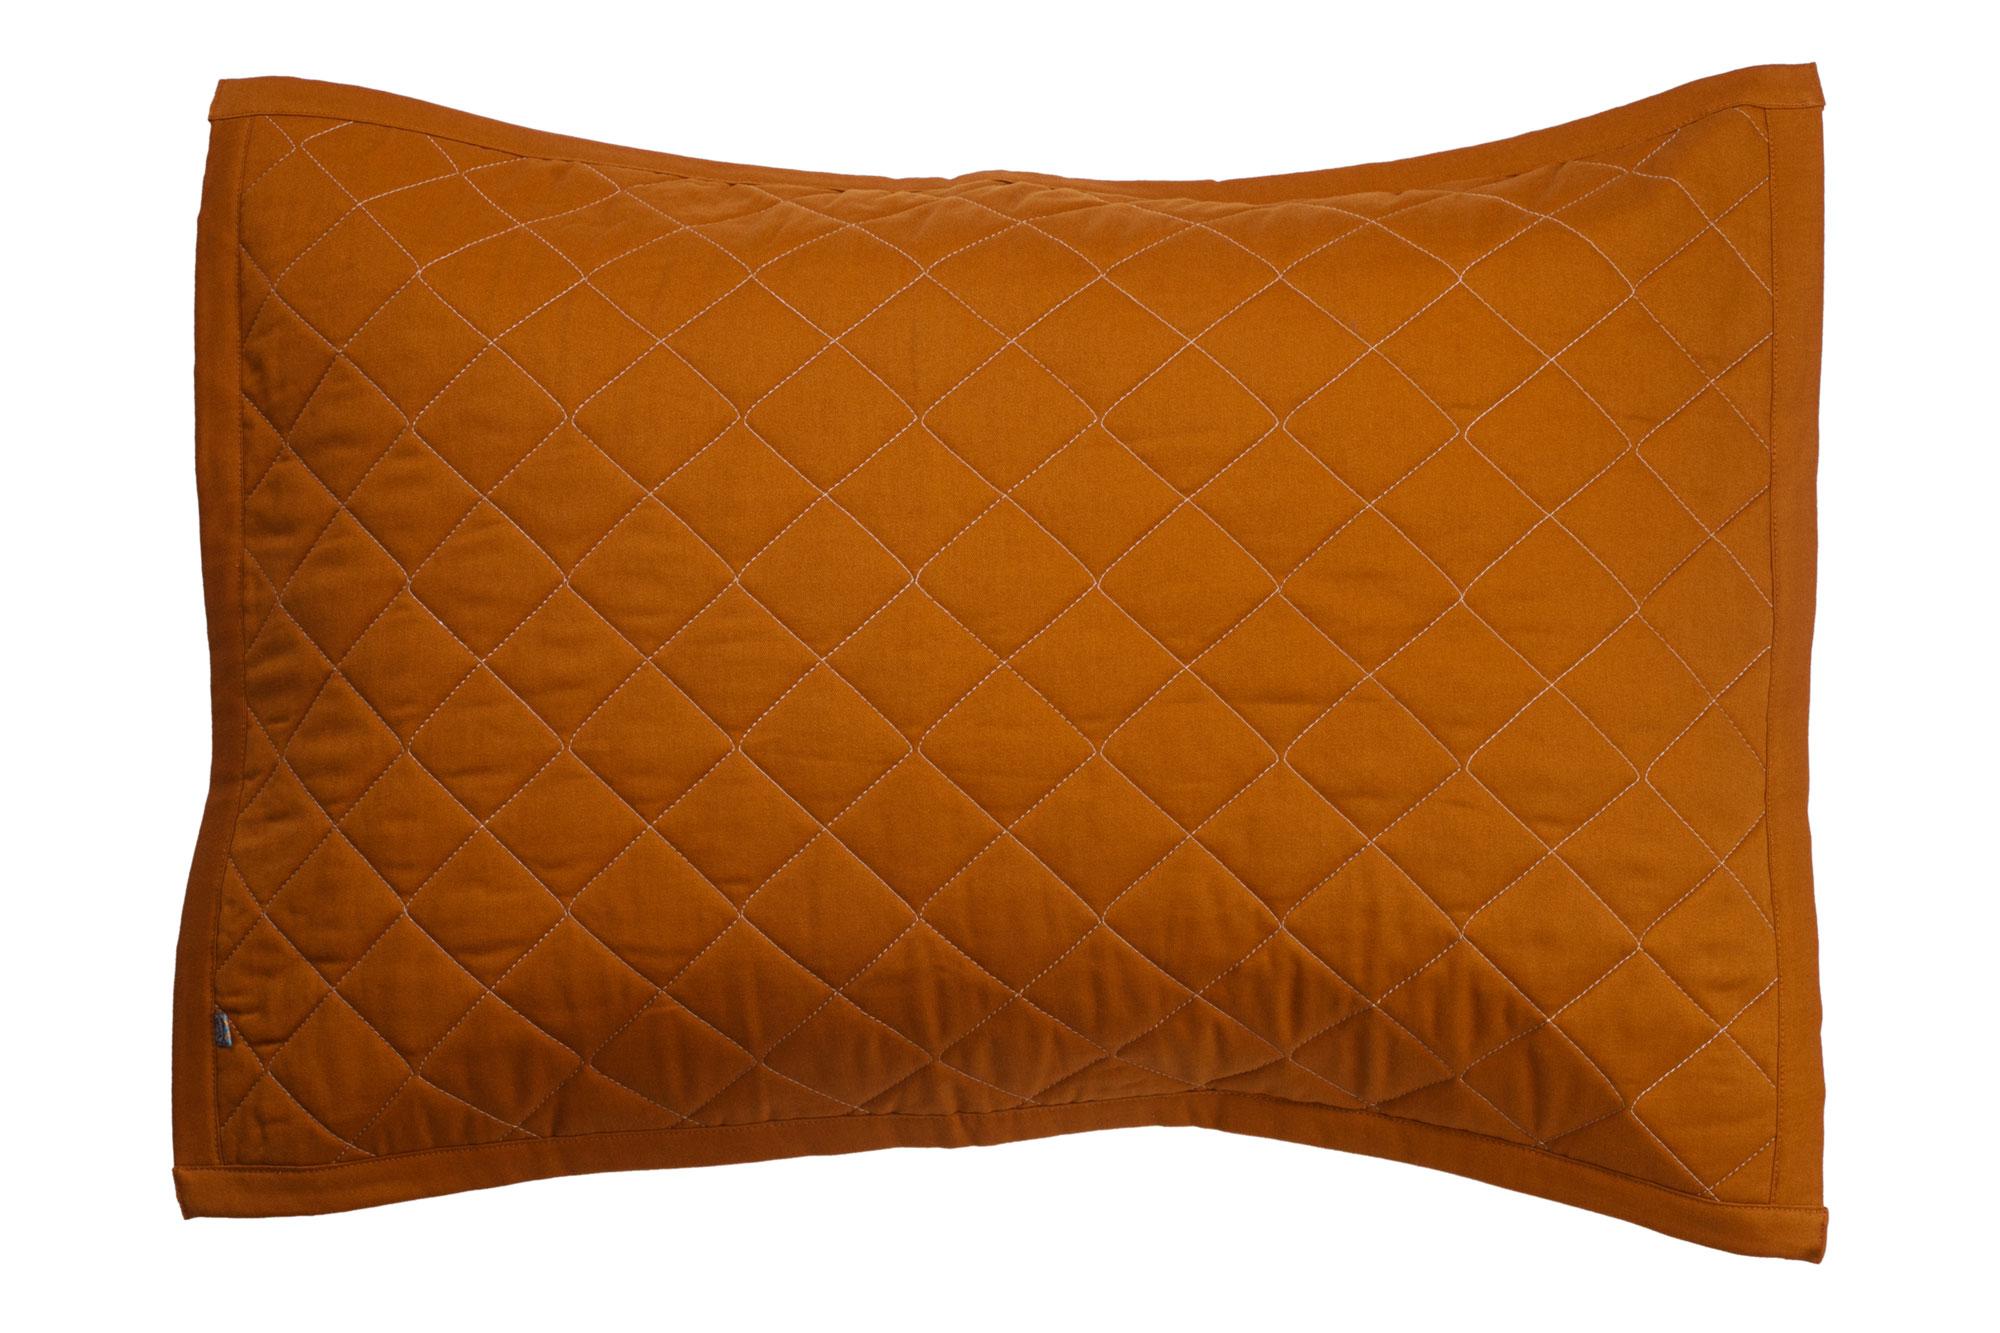 Porta travesseiro matelassê ocre e mostarda